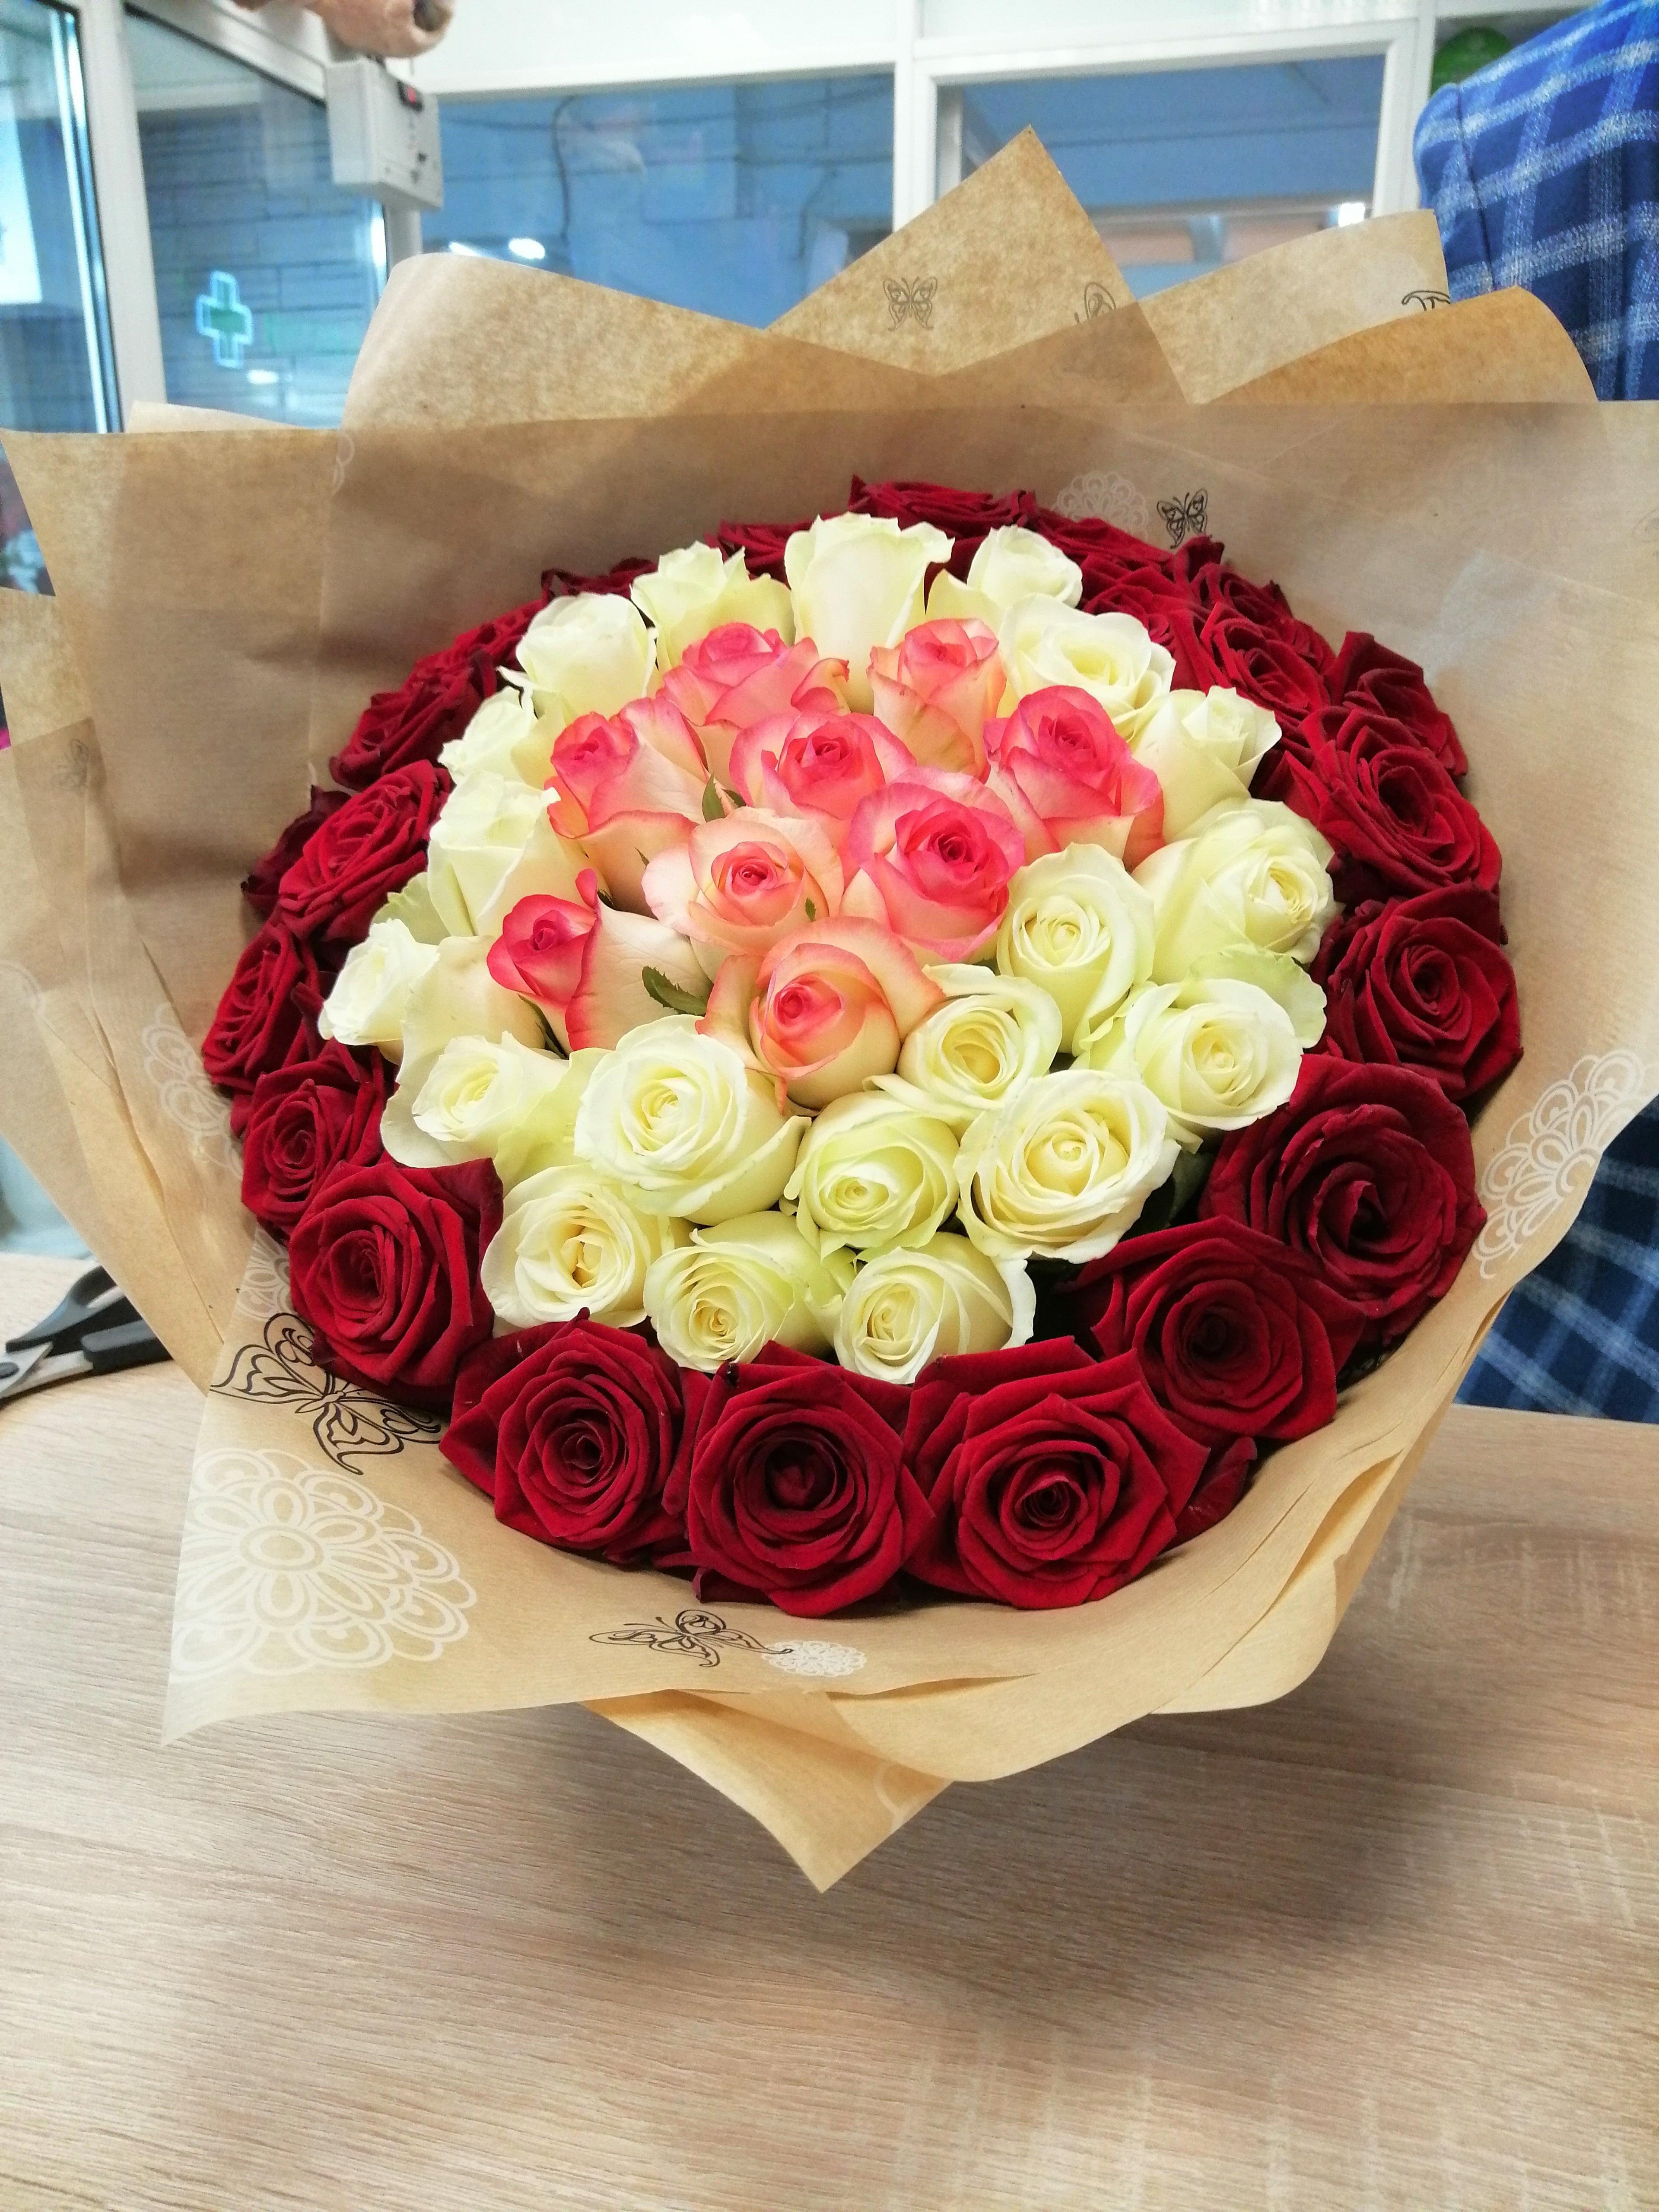 Фото букет оформлен красиво розы